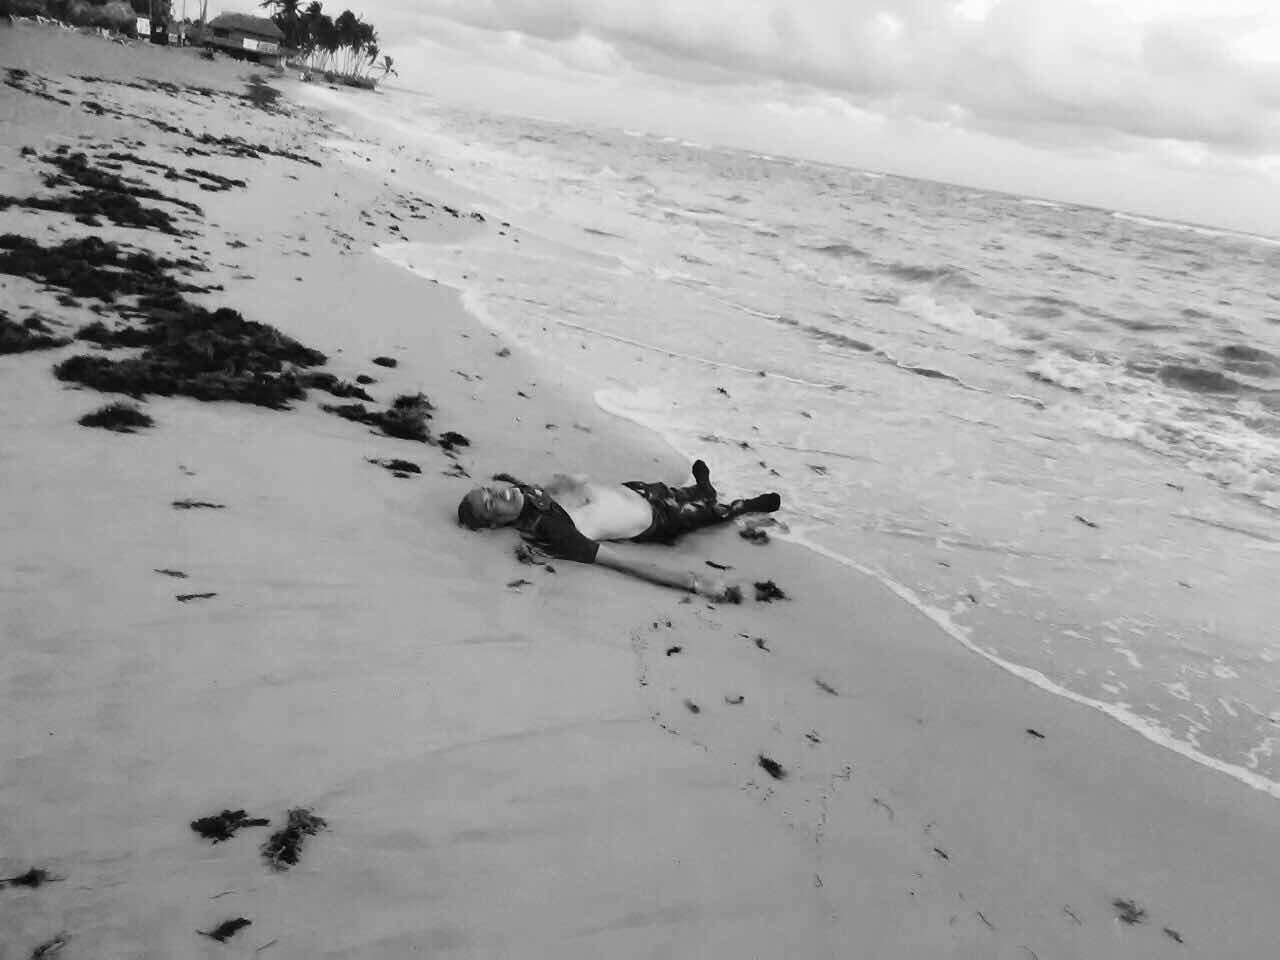 Encuentran turista ahogado en playa de Uvero Alto en La Altagracia